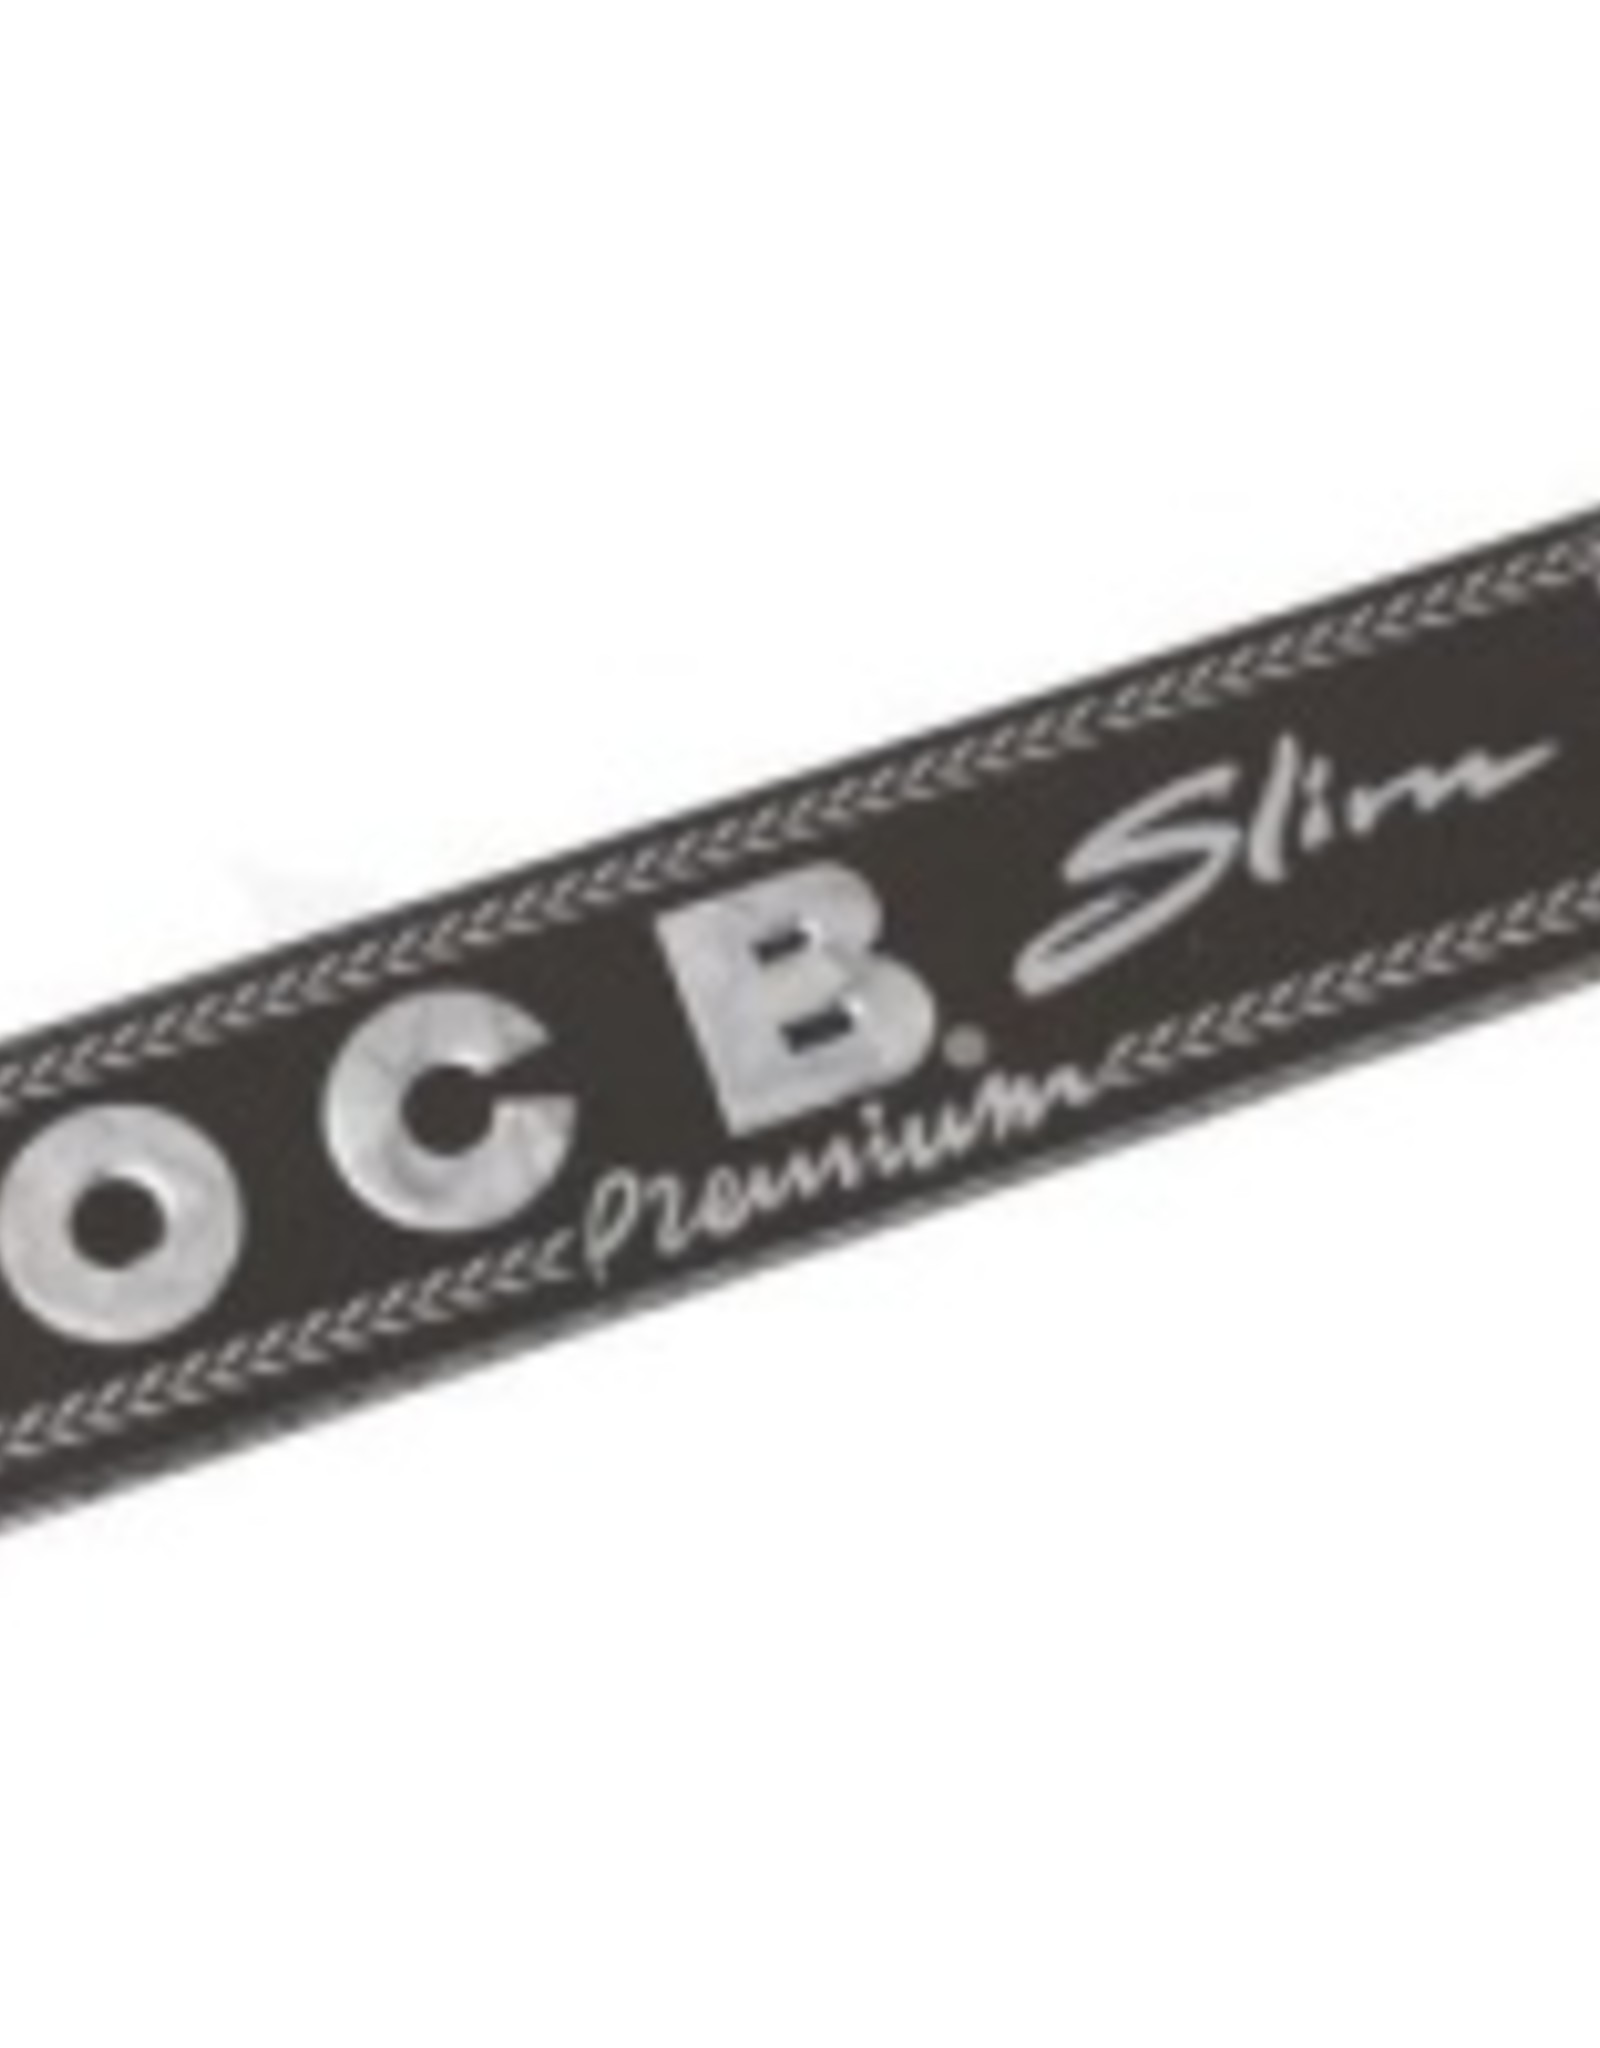 OCB OCB Premium KS Slim